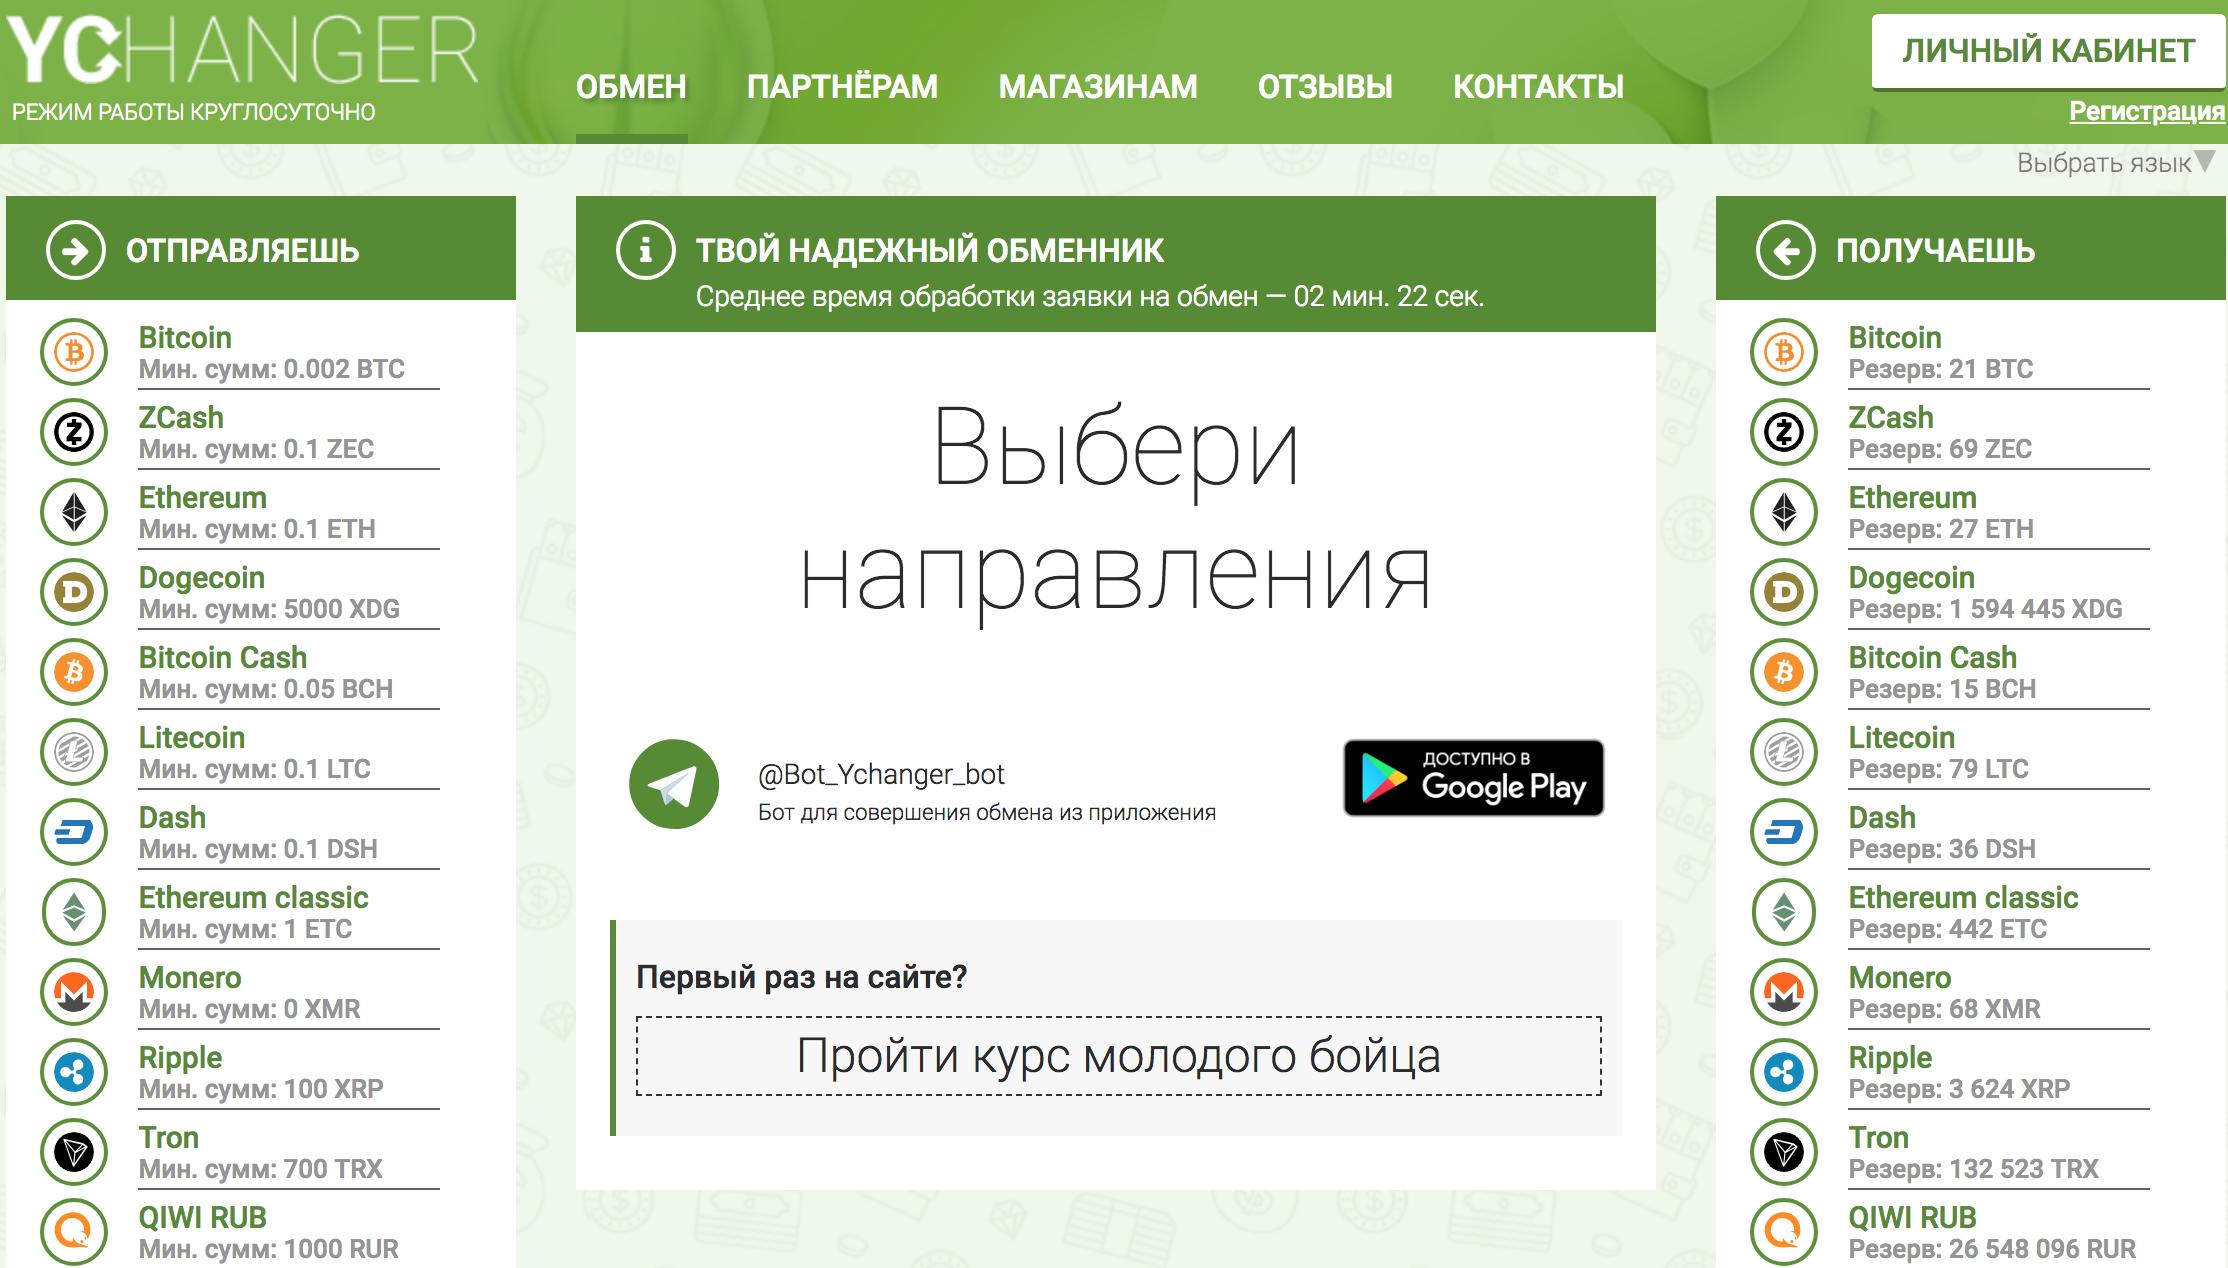 Обменник криптовалют Ychanger.net